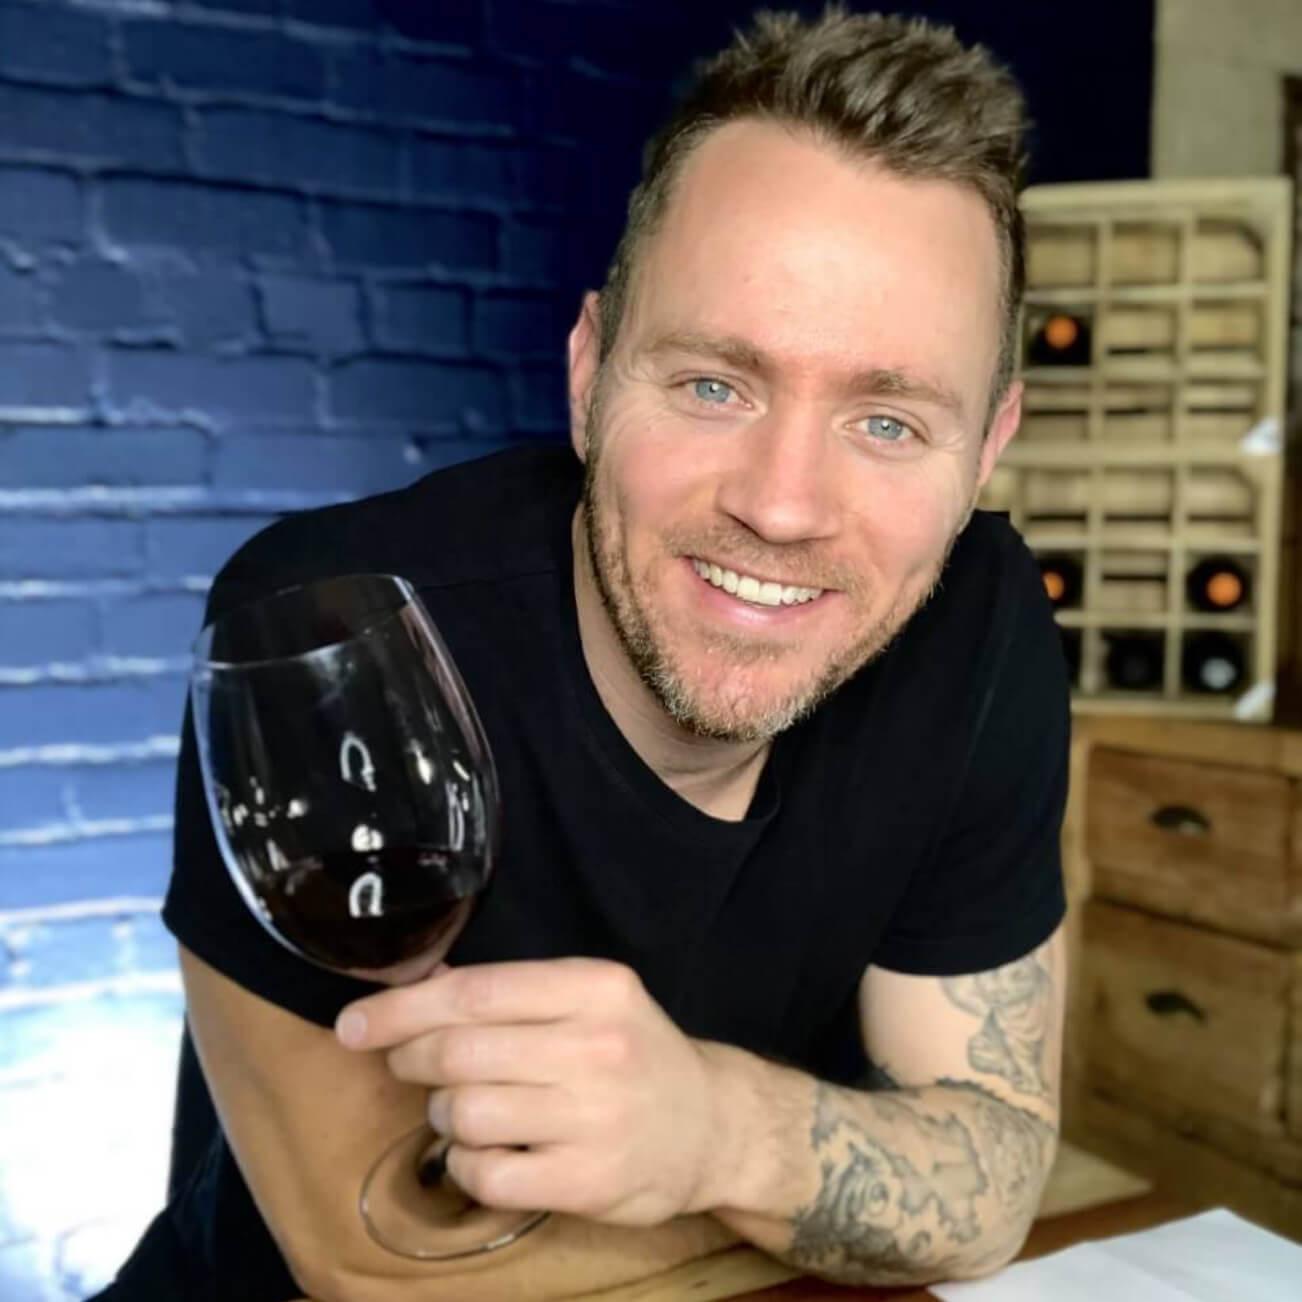 Wine journalist Jono Le Feuvre